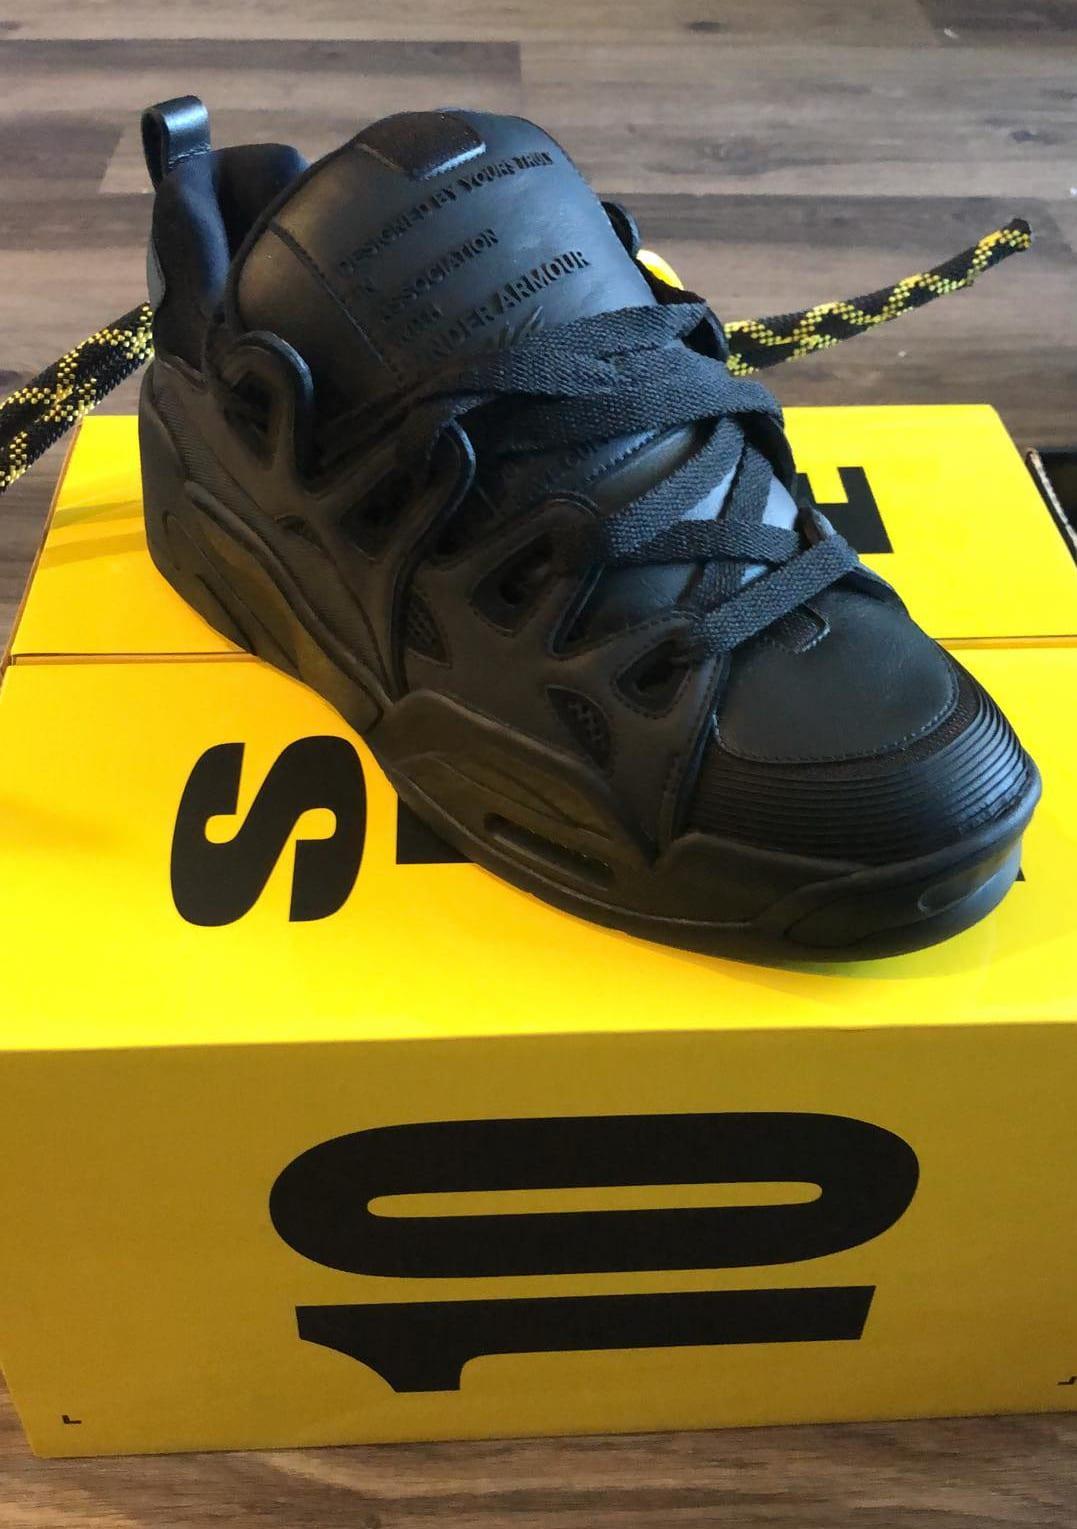 Modernización Vinagre frase  ASAP Rocky Under Armour Skate Shoe Black Release Date | Sole Collector